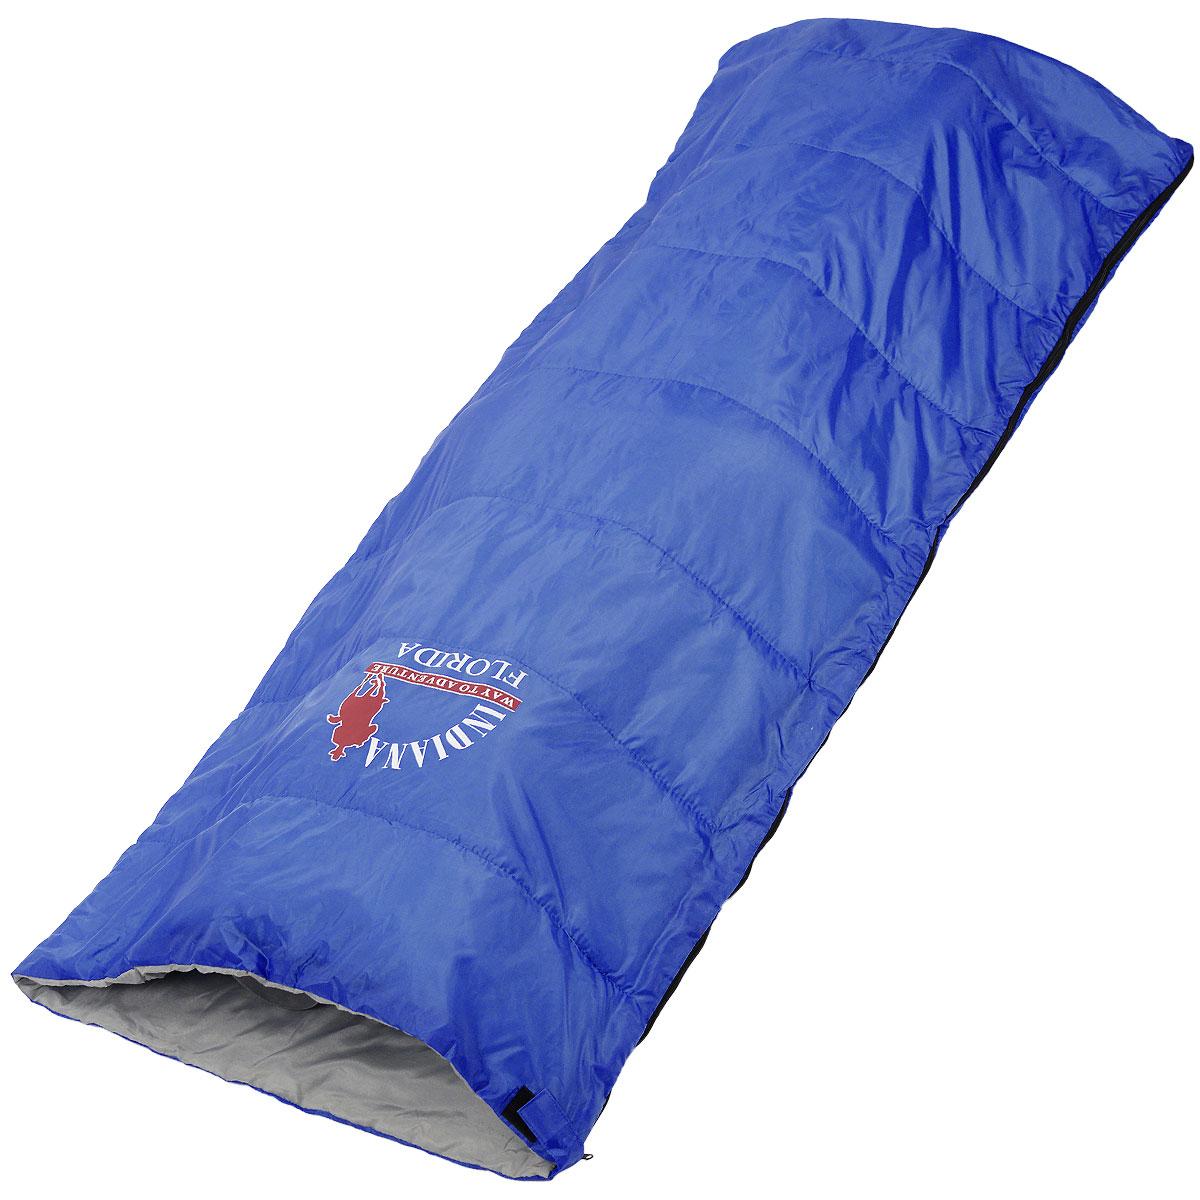 Спальный мешок-одеяло Indiana Florida, 180 см х 75 см360700031Классический спальный мешок Indiana Florida предусмотрен как для лета, так и для прохладного времени года, так как рассчитан на температуру от +5° C до +25°С.В сложенном виде мешок занимает очень мало места и весит совсем не много. Отлично подходит для летних походов, кемпинга и отдыха на природе.Что взять с собой в поход?. Статья OZON Гид